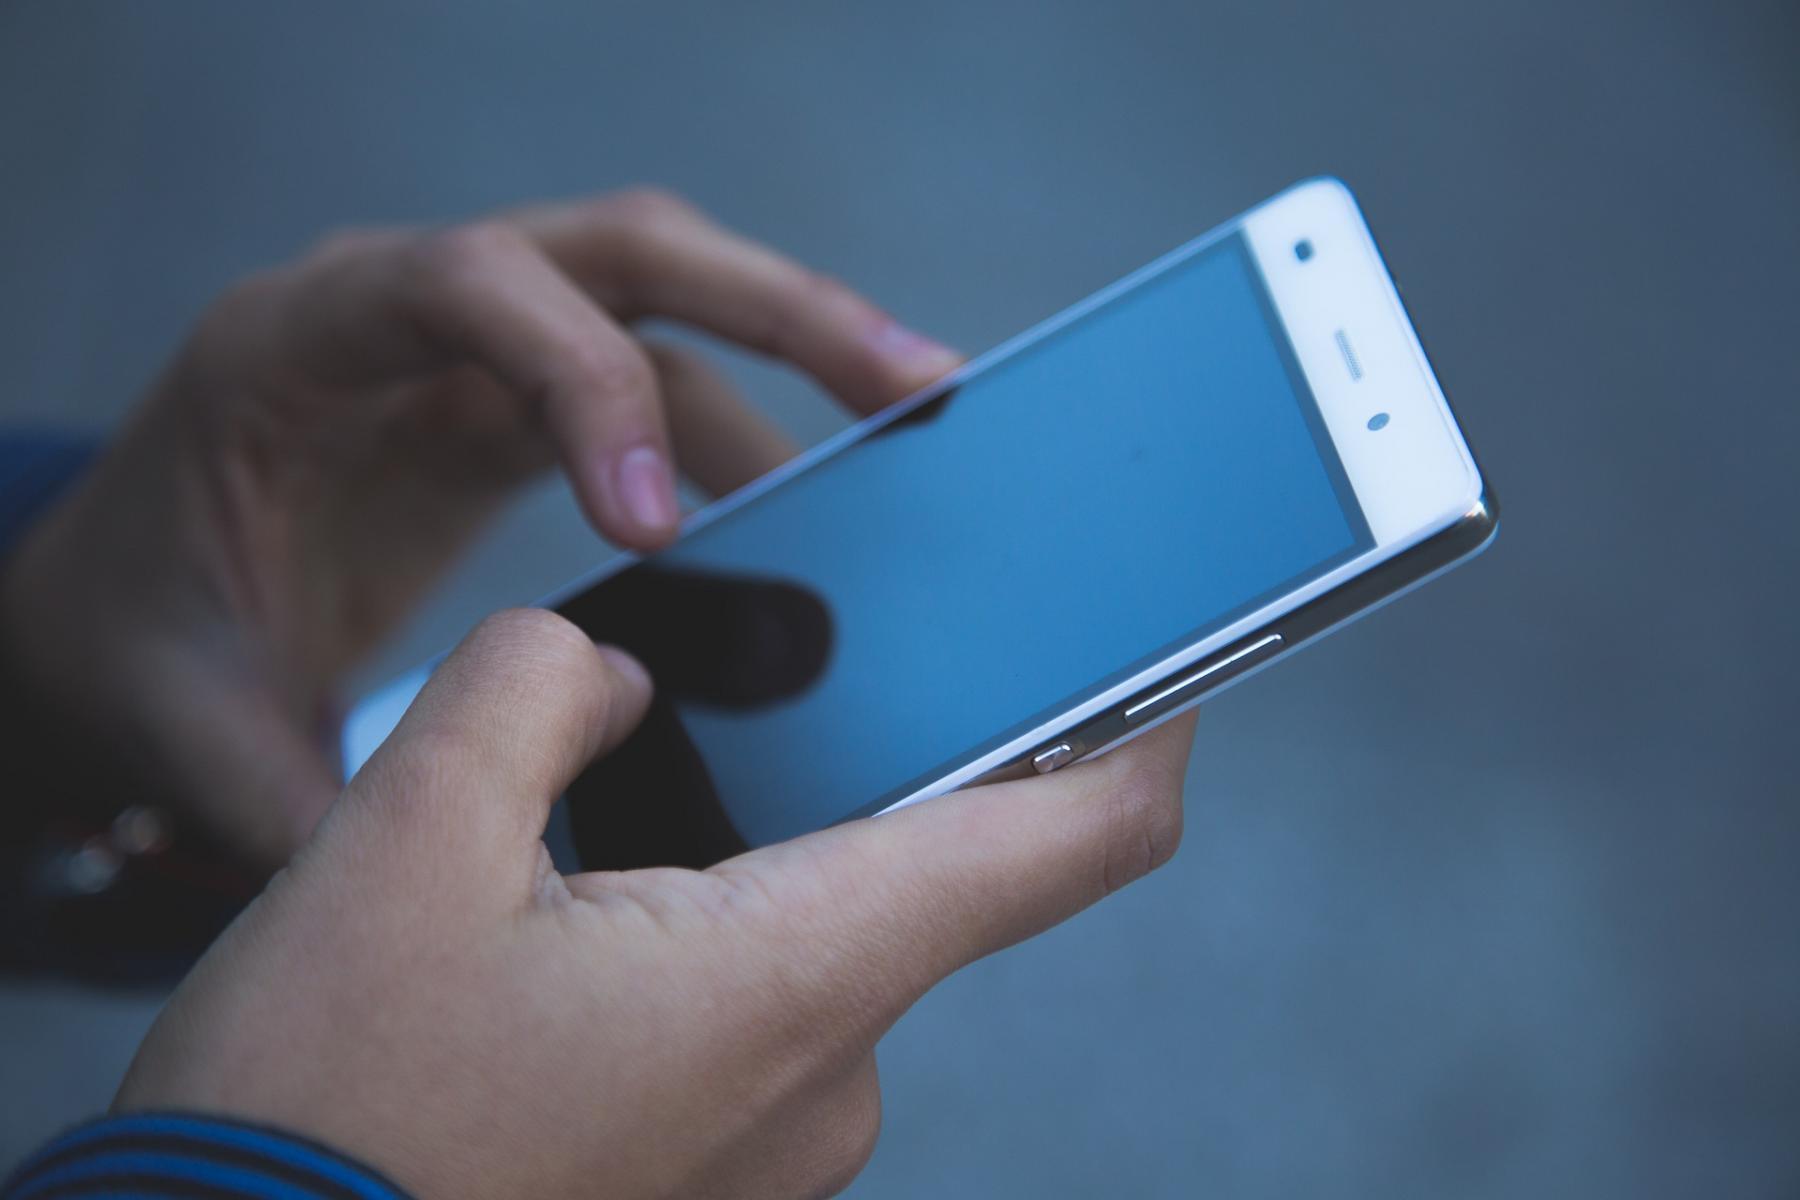 фото «Не алё»: мобильная связь в России подорожала на 8% 2